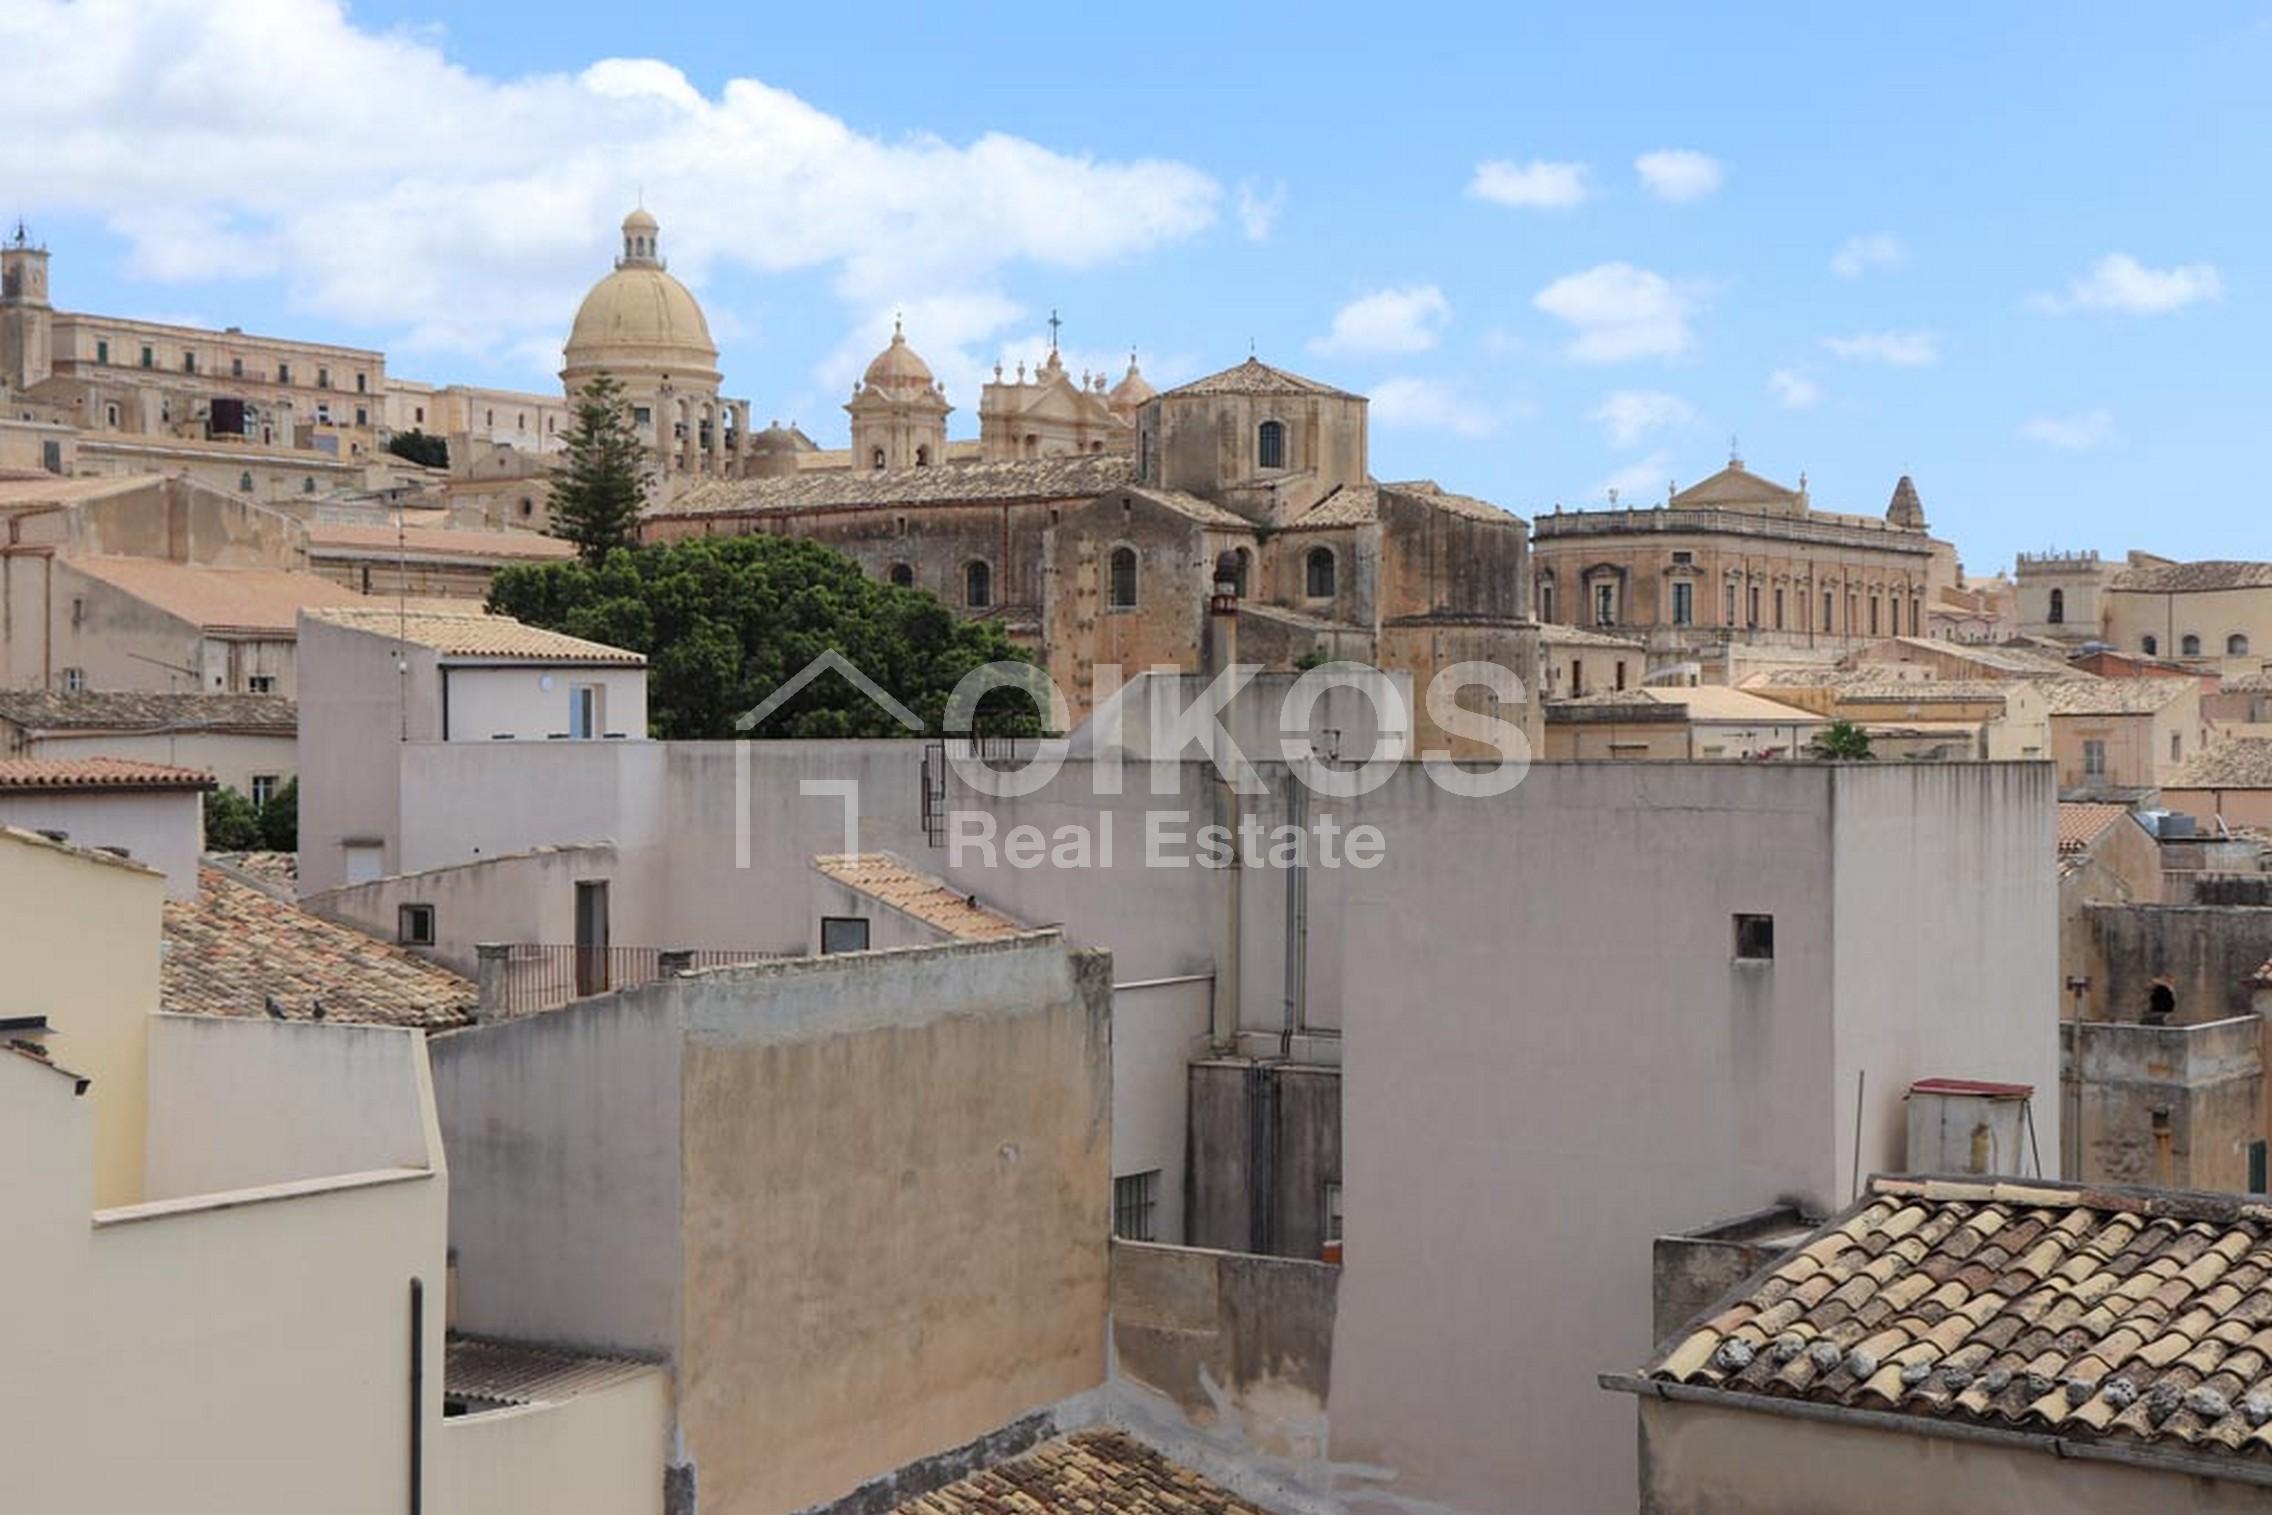 Appartamento con terrazzo centro storico 4